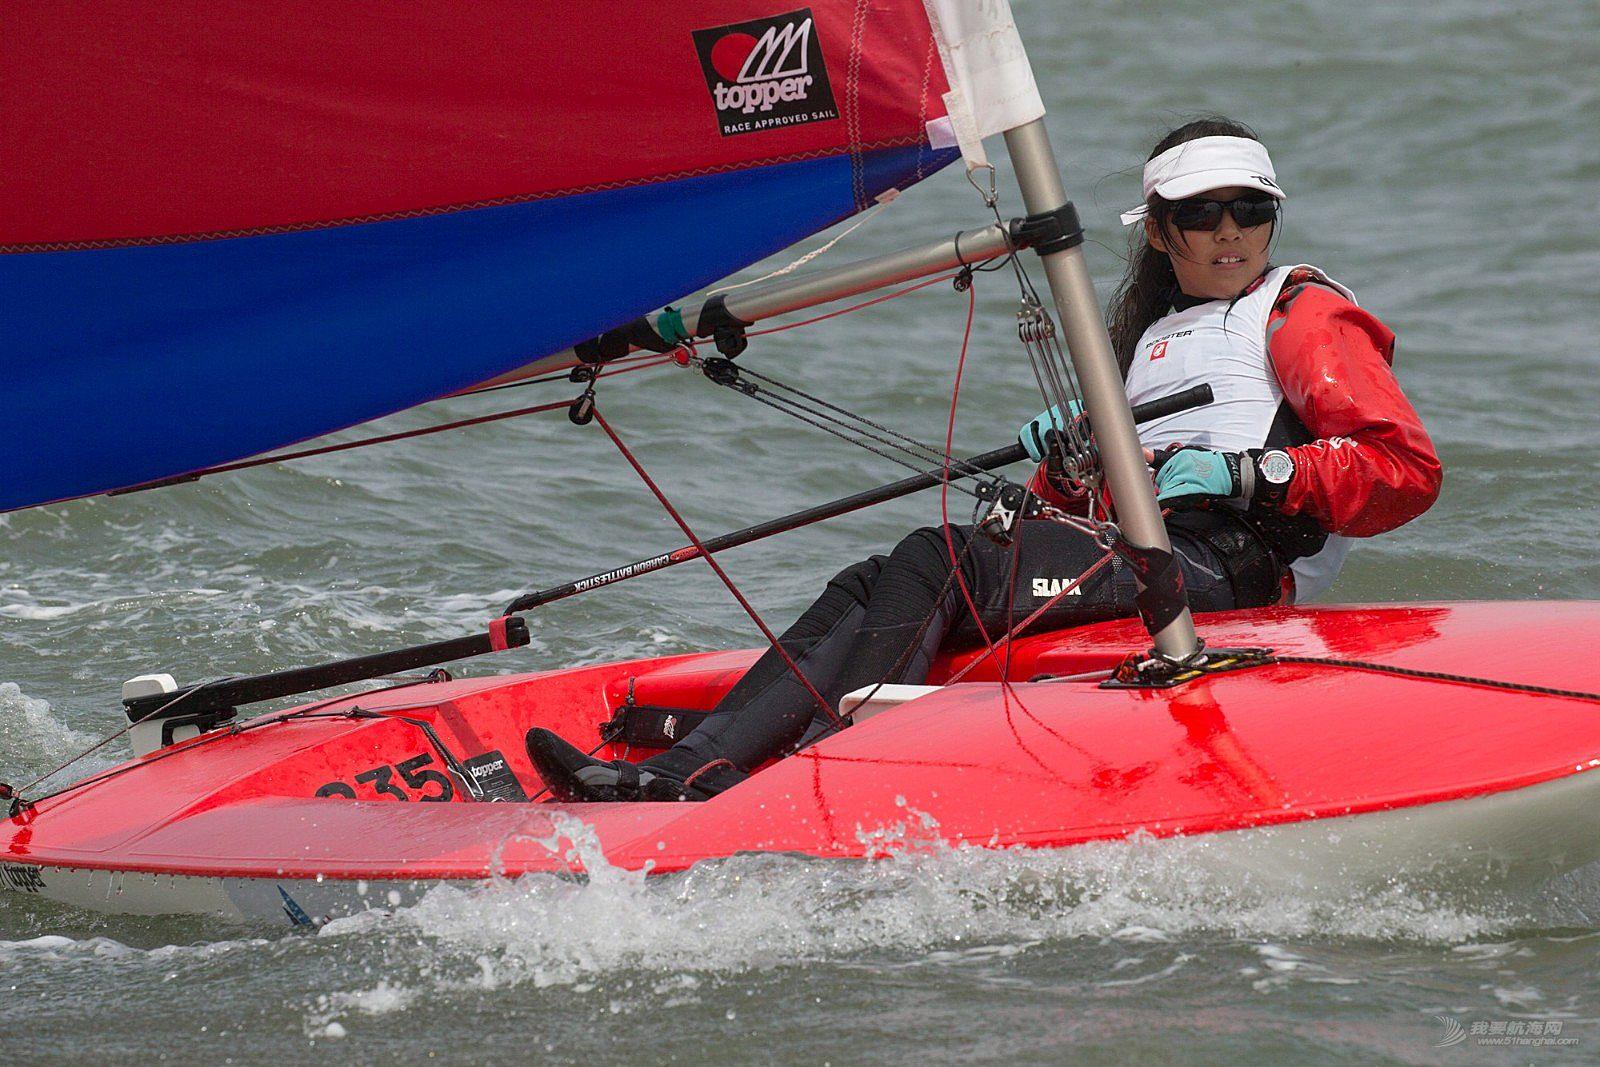 我的五一与帆船度过——暨2018年TOPPER世锦赛预选赛